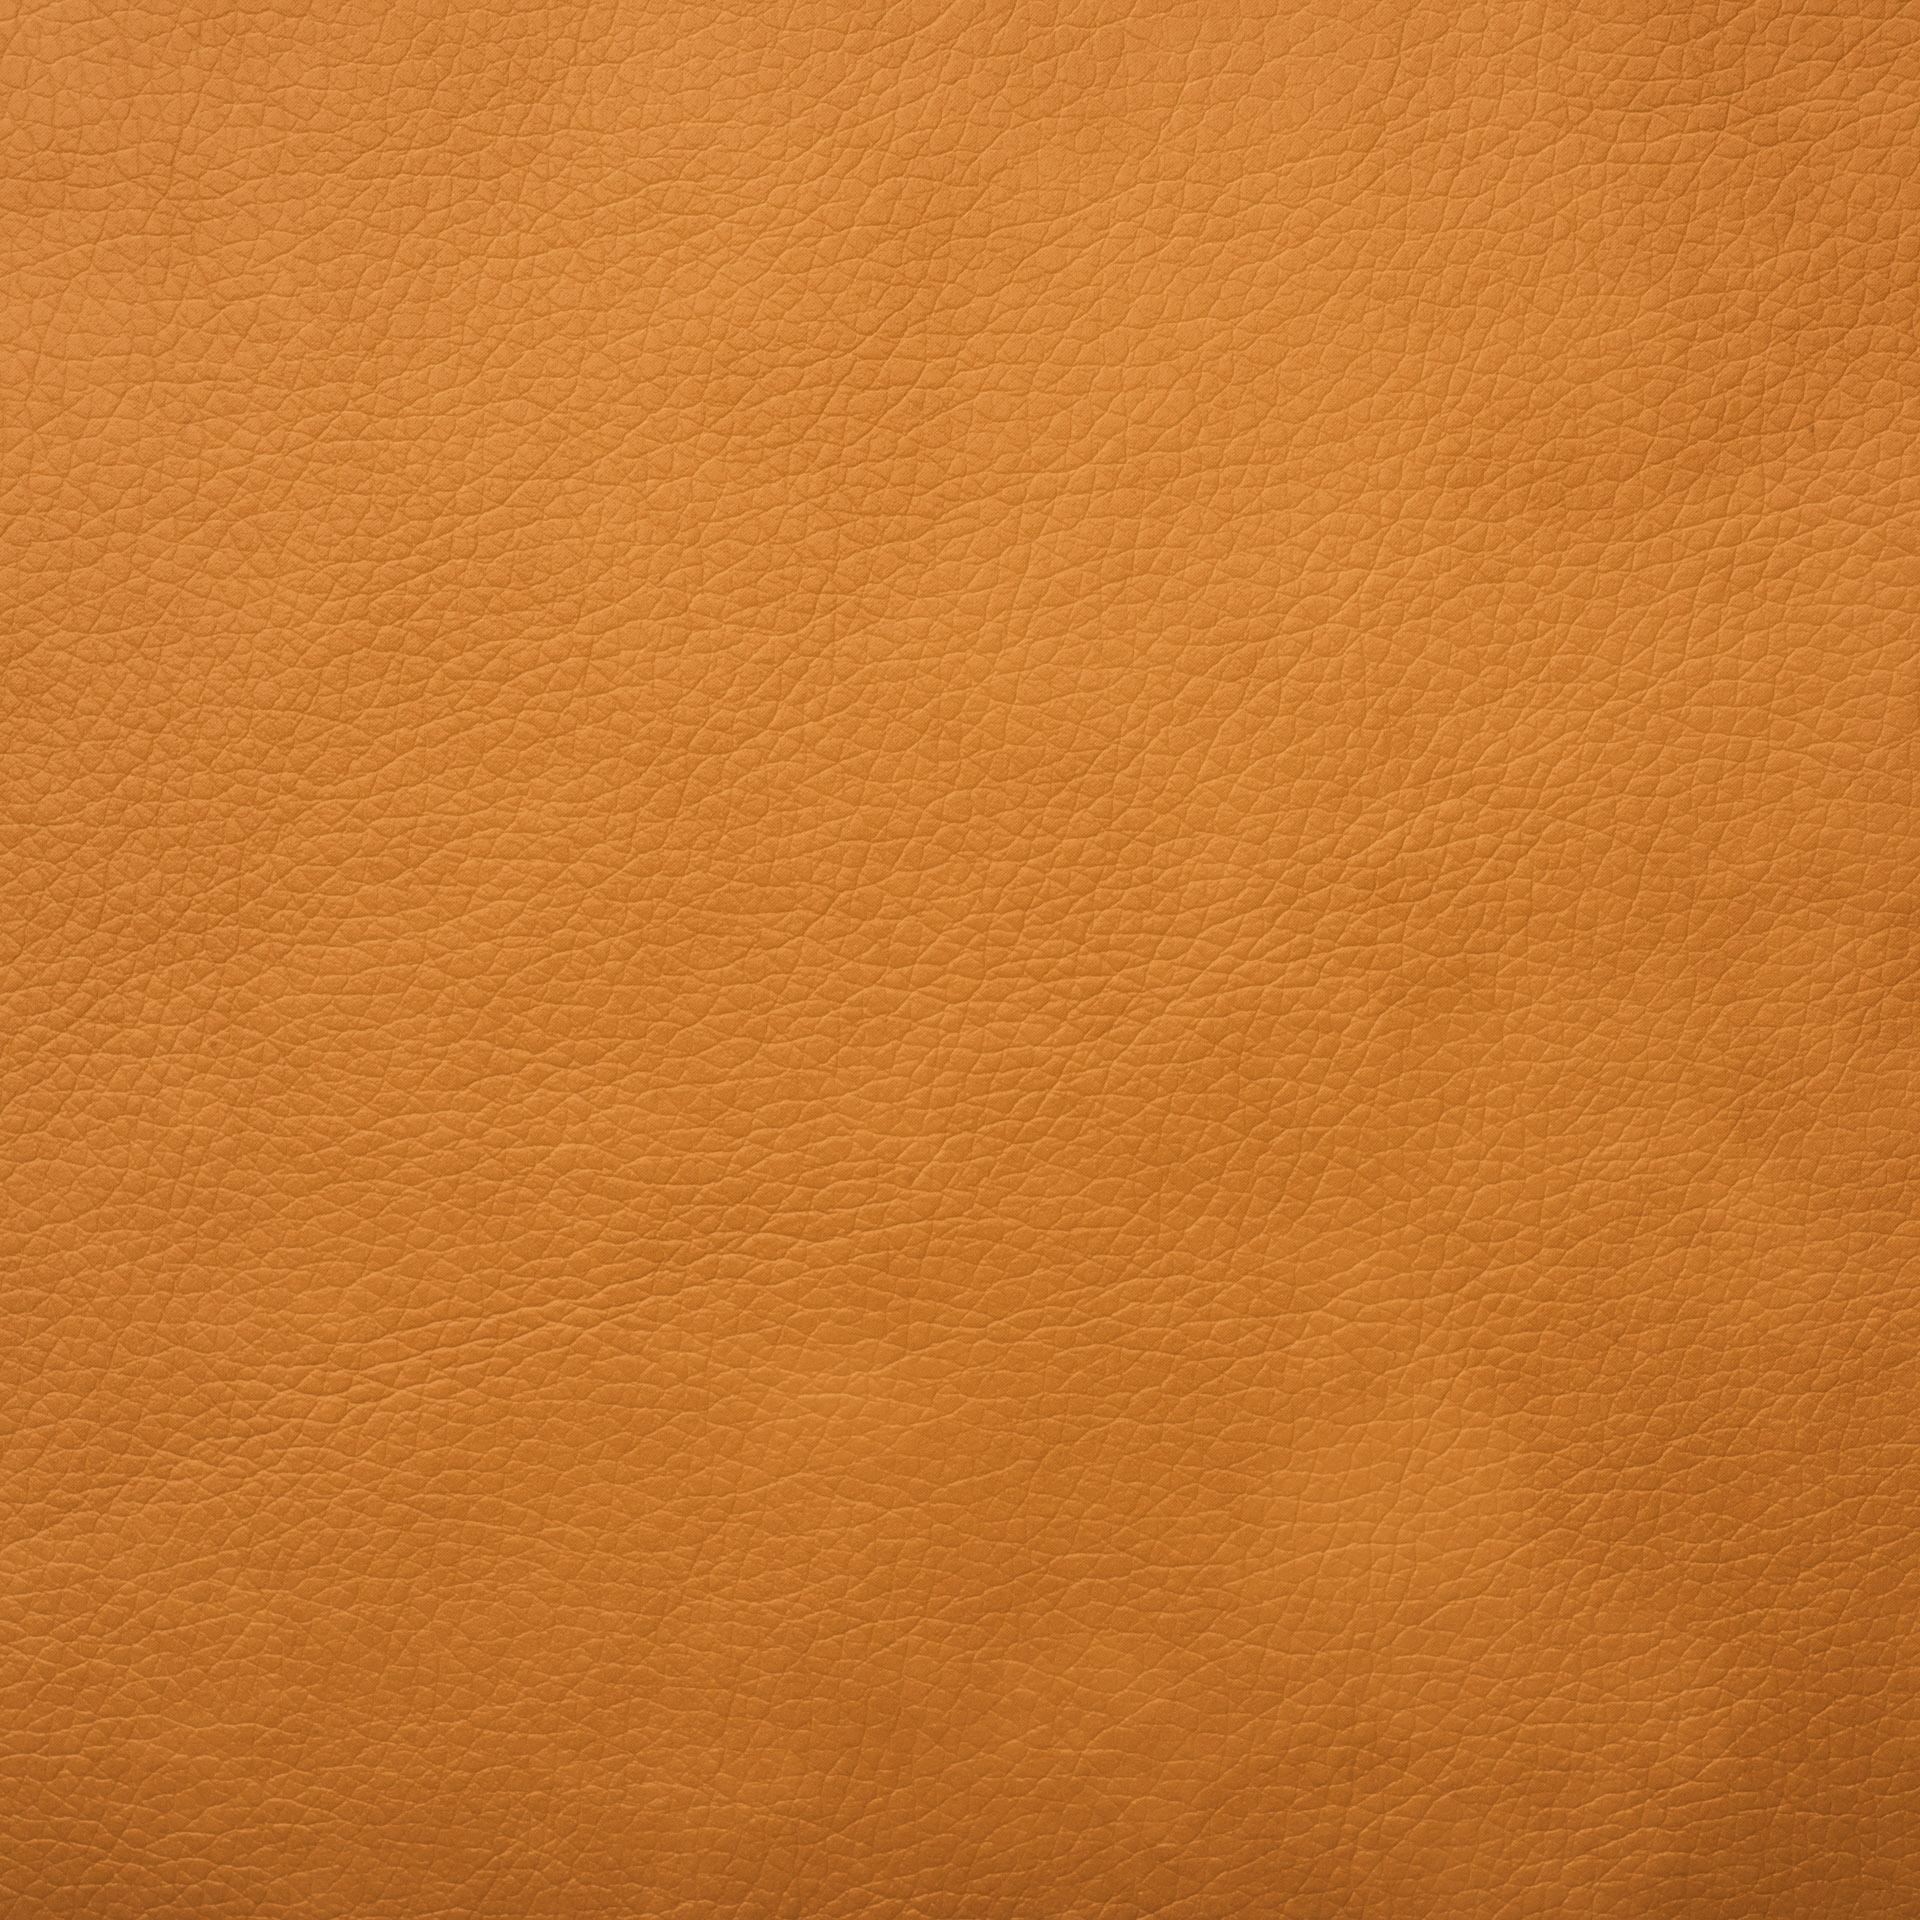 Коллекция ткани Мадрас DARK SABBIA,  купить ткань Кож зам для мебели Украина